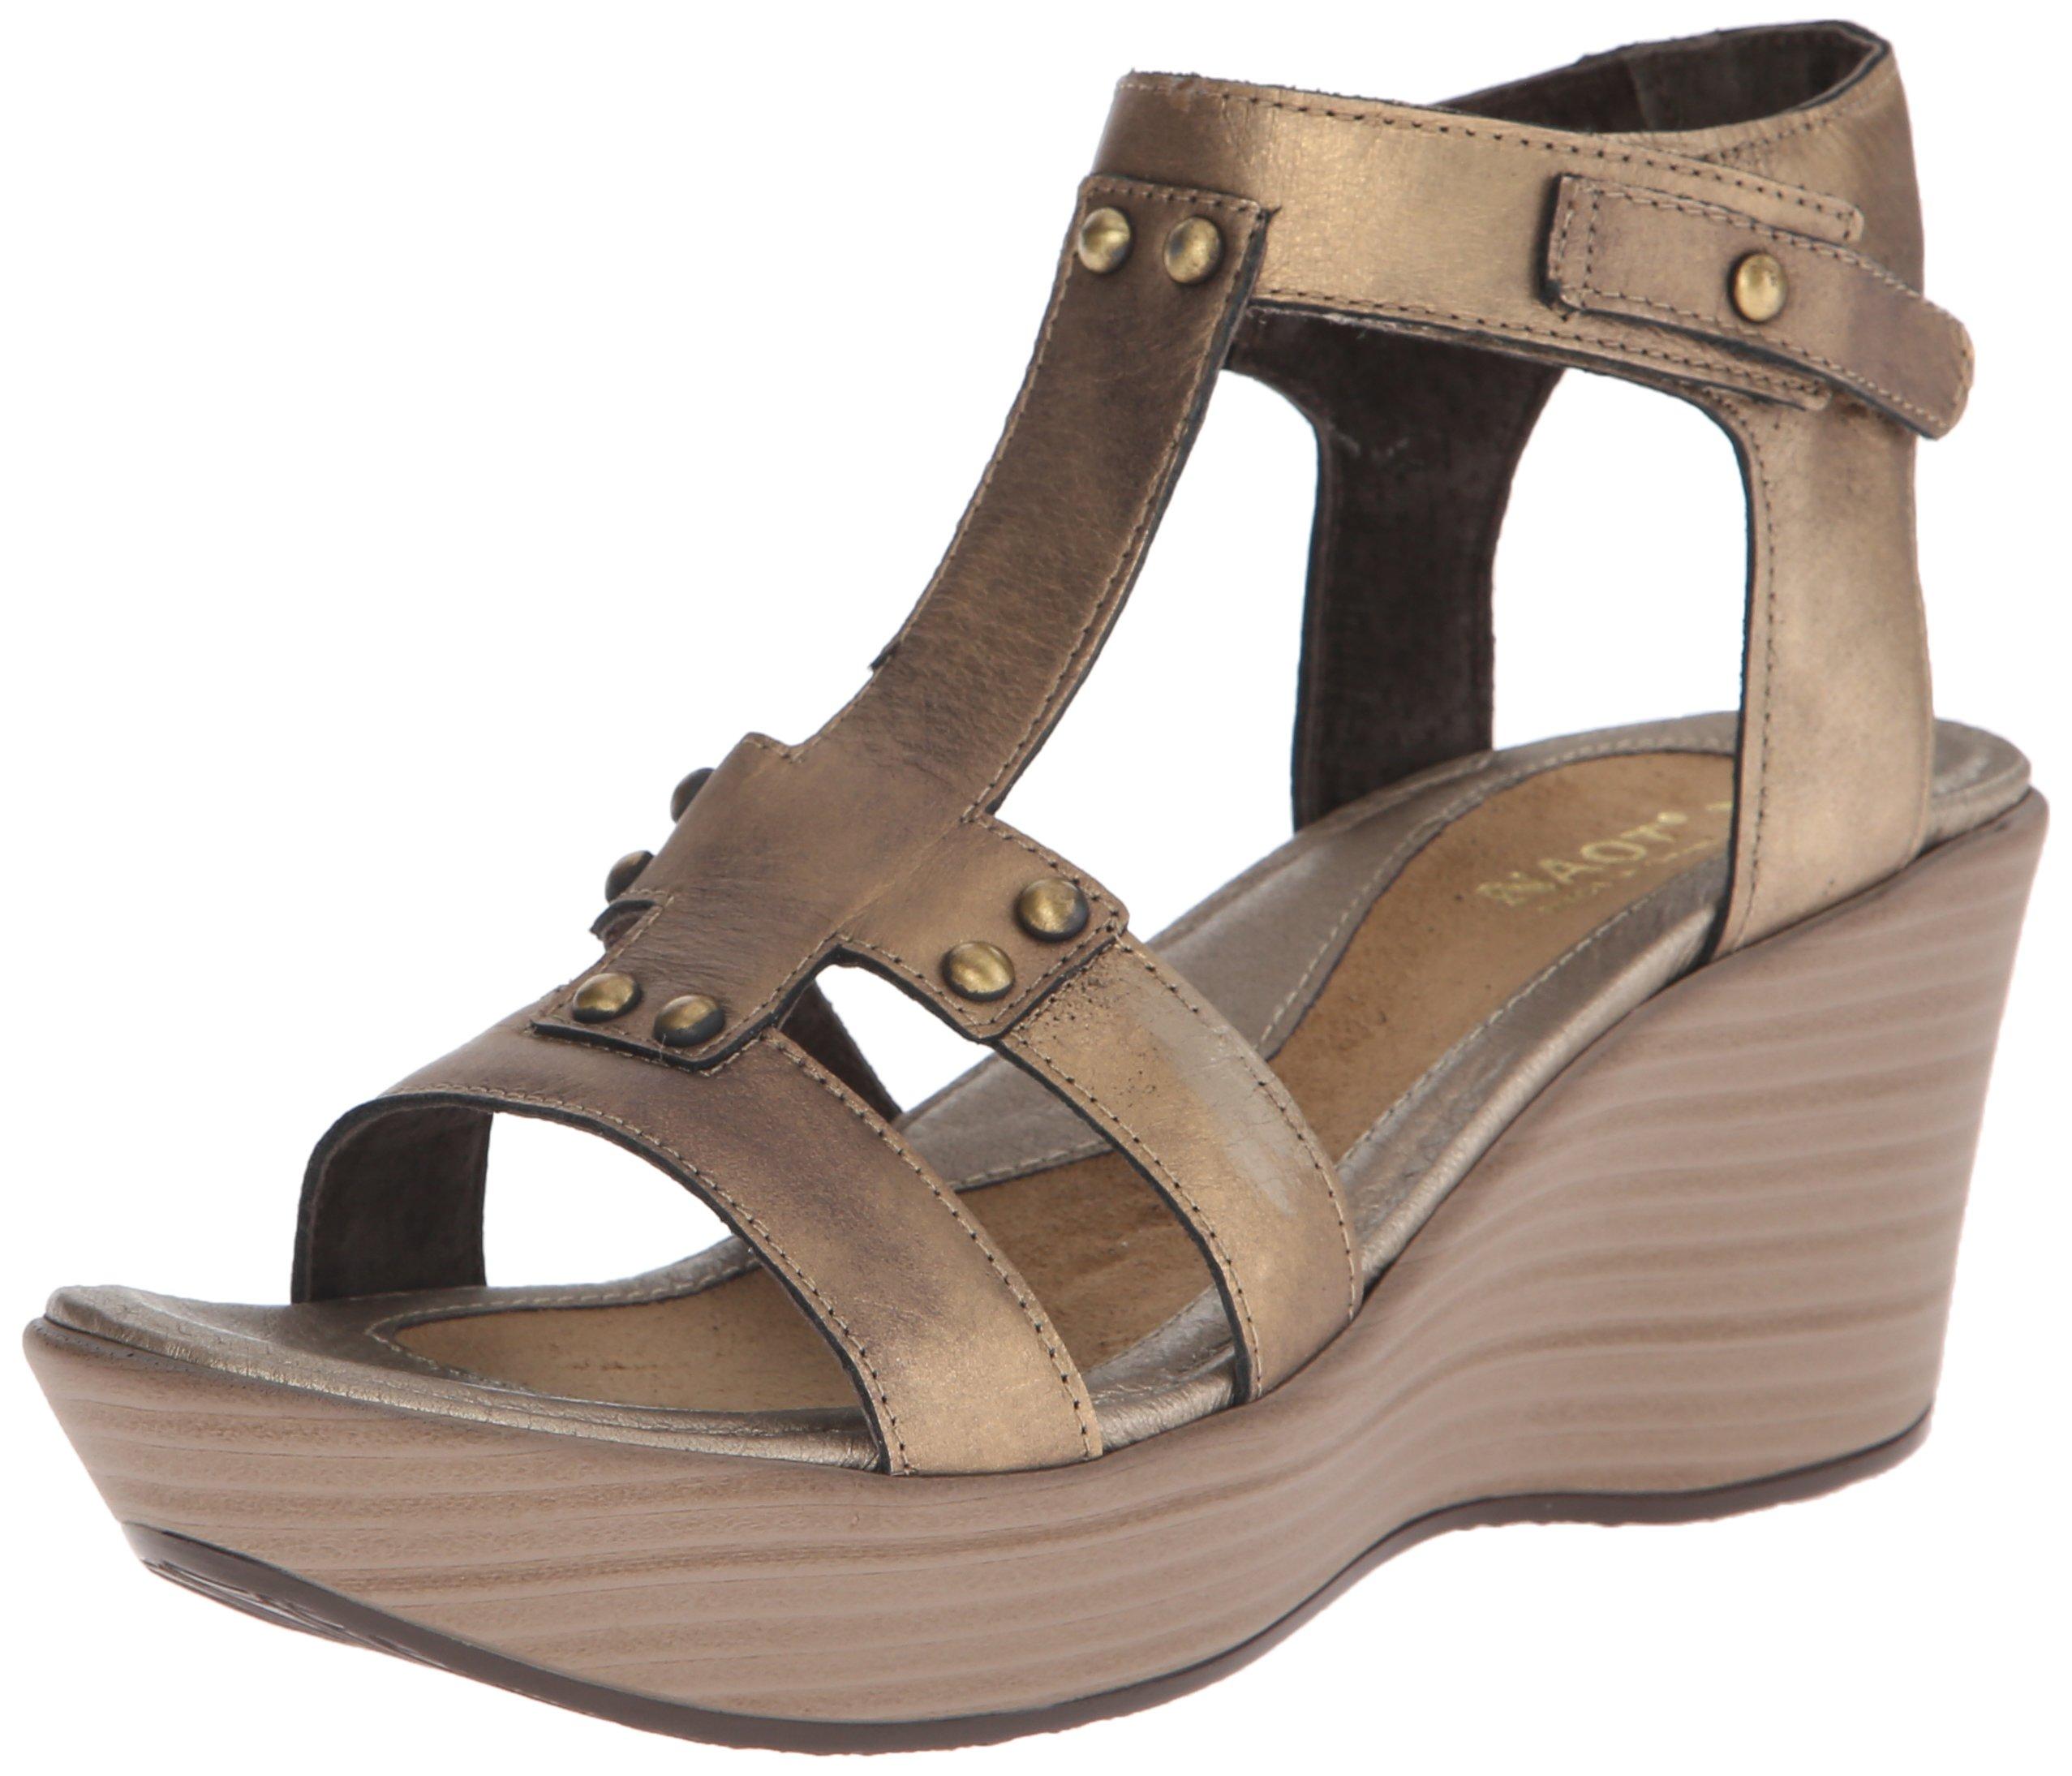 Naot Women's Flirt Wedge Sandal, Brass Leather, 40 EU/8.5-9 M US